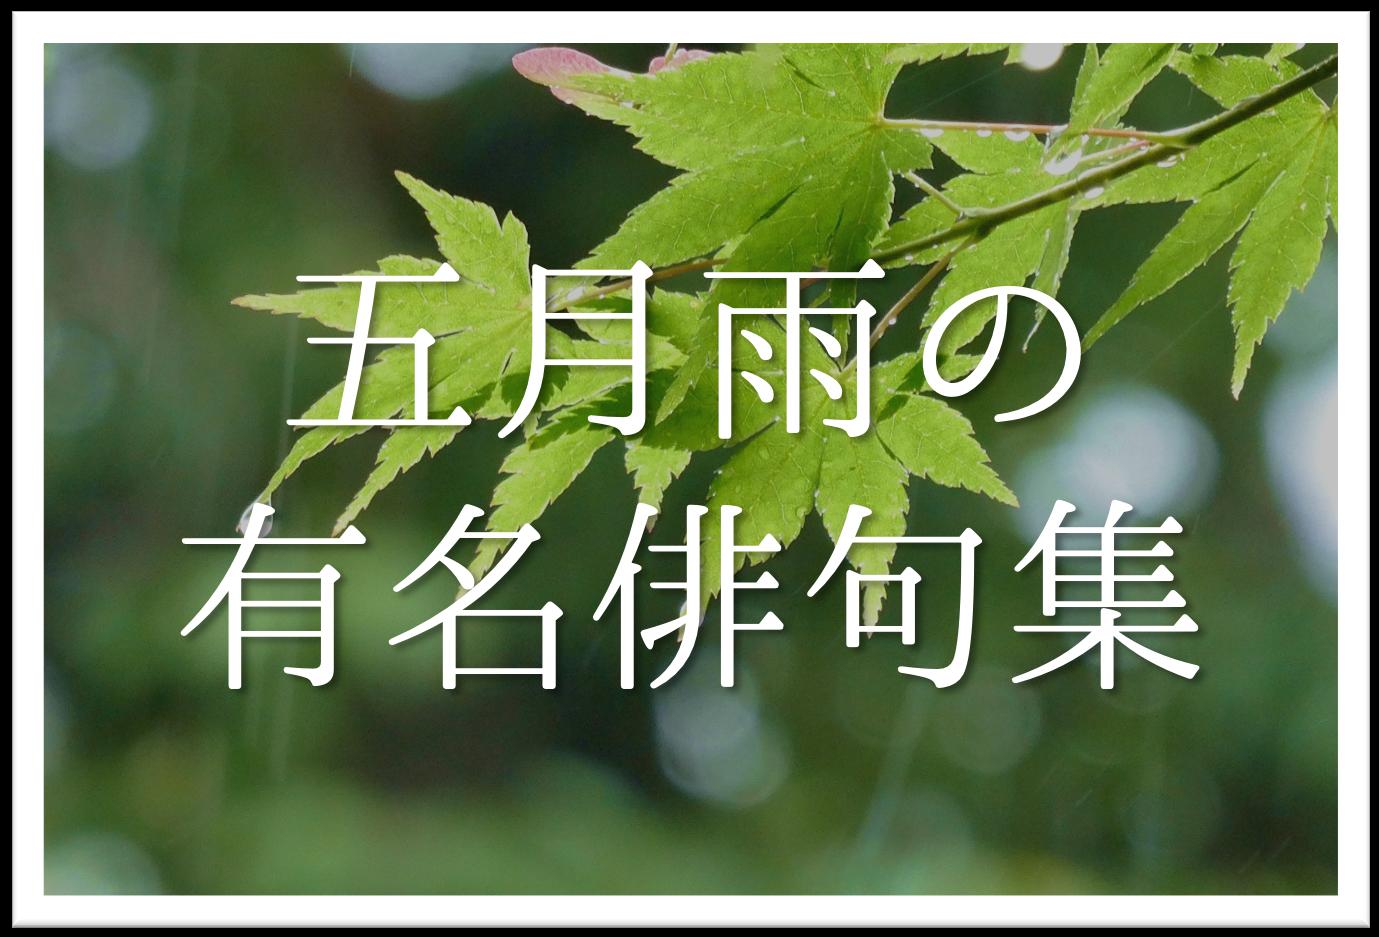 【五月雨の有名俳句 20選】知っておきたい!!季語を含んだおすすめ俳句を紹介!